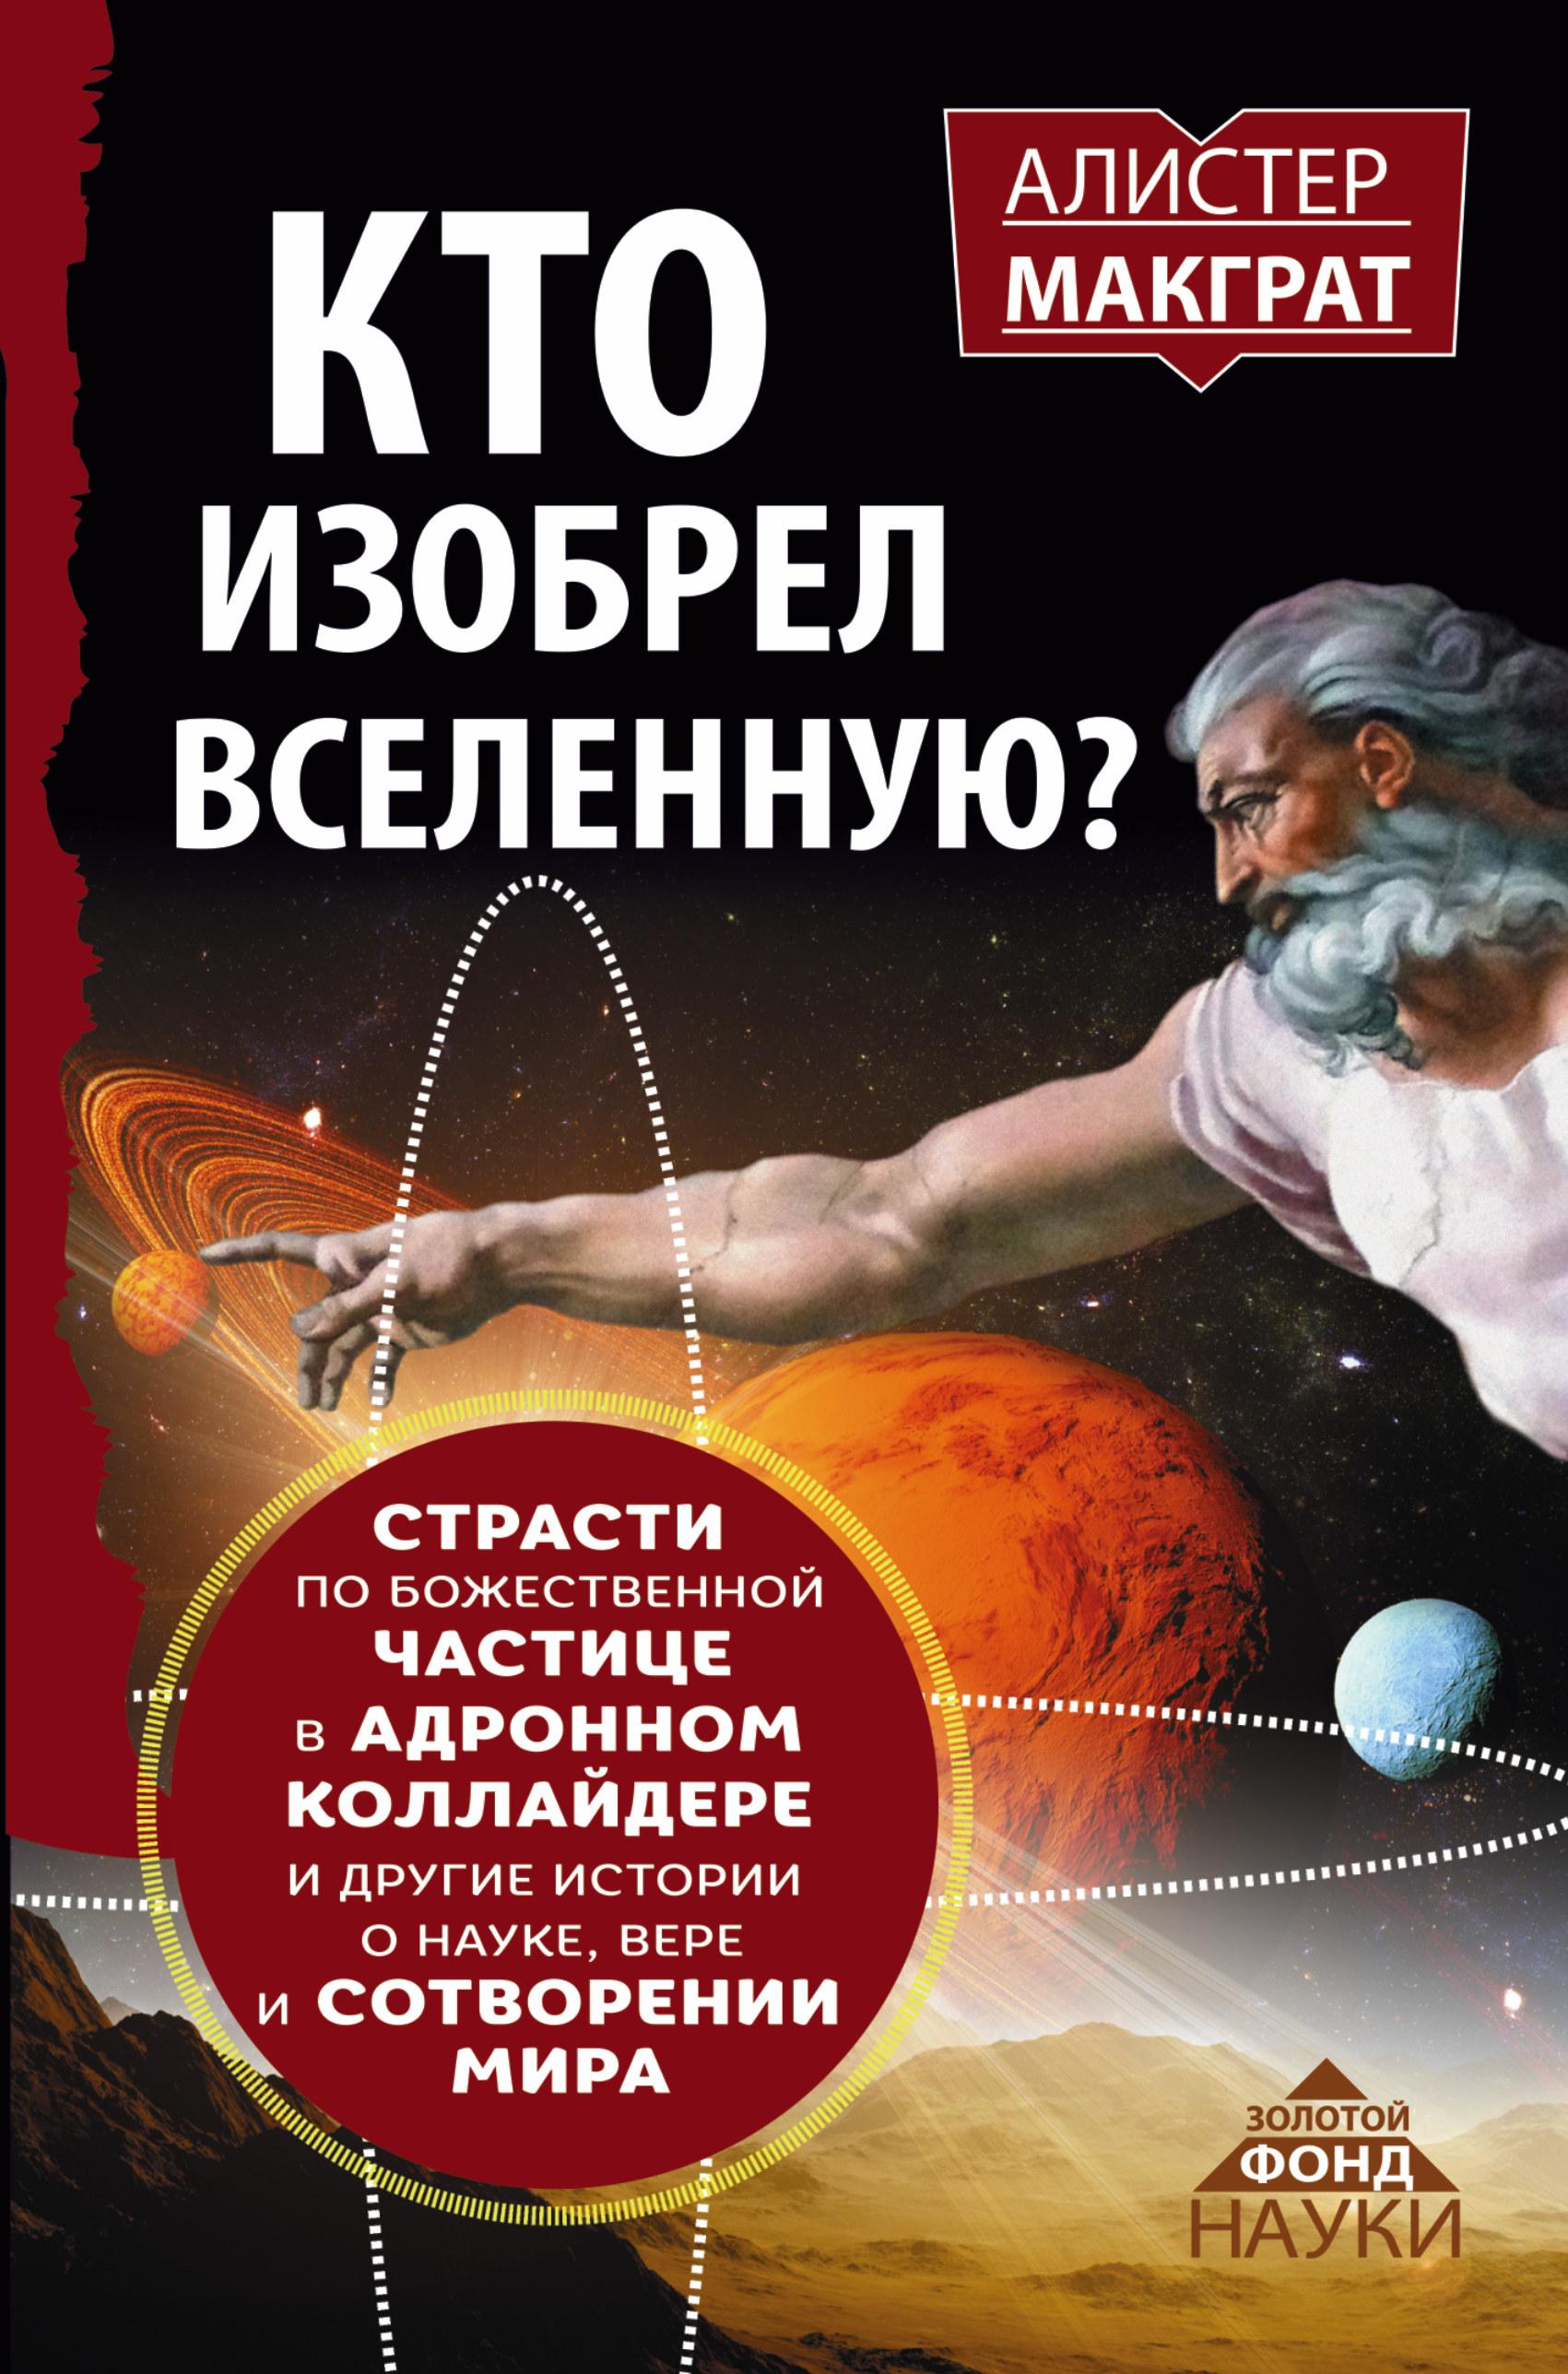 КТО ИЗОБРЕЛ ВСЕЛЕННУЮ? Страсти по божественной частице в адронном коллайдере и другие истории о науке, вере и сотворении мира ( Макграт Алистер  )